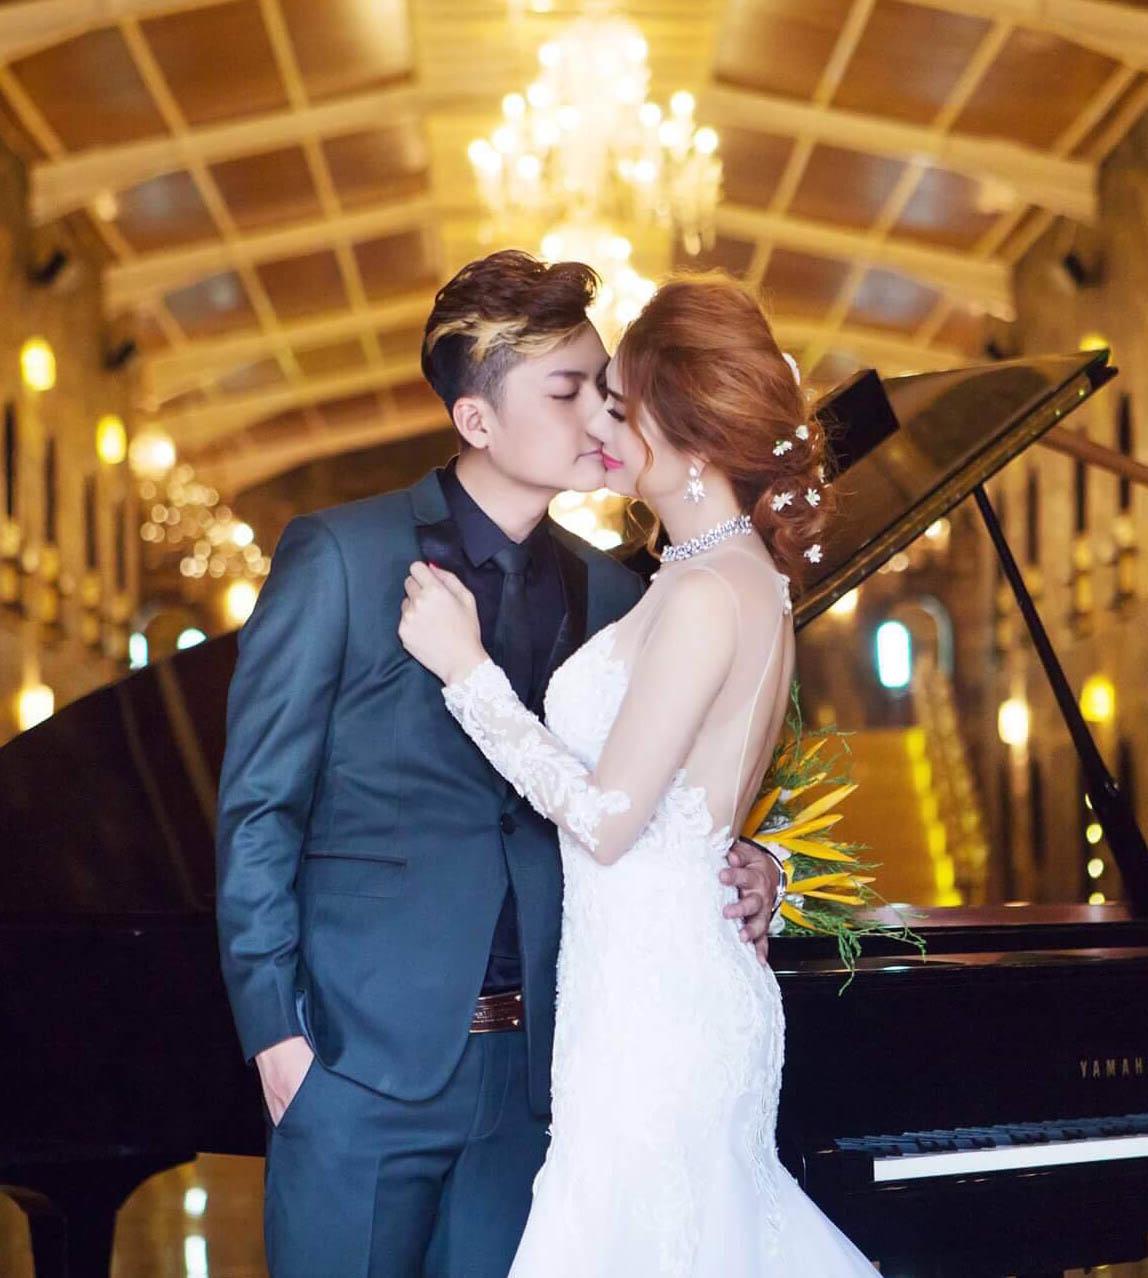 """Lâm Chí Khanh: """"Tôi sẽ mặc 8 váy cưới đính 10.000 viên pha lê trong hôn lễ tháng 12"""" - hình ảnh 2"""